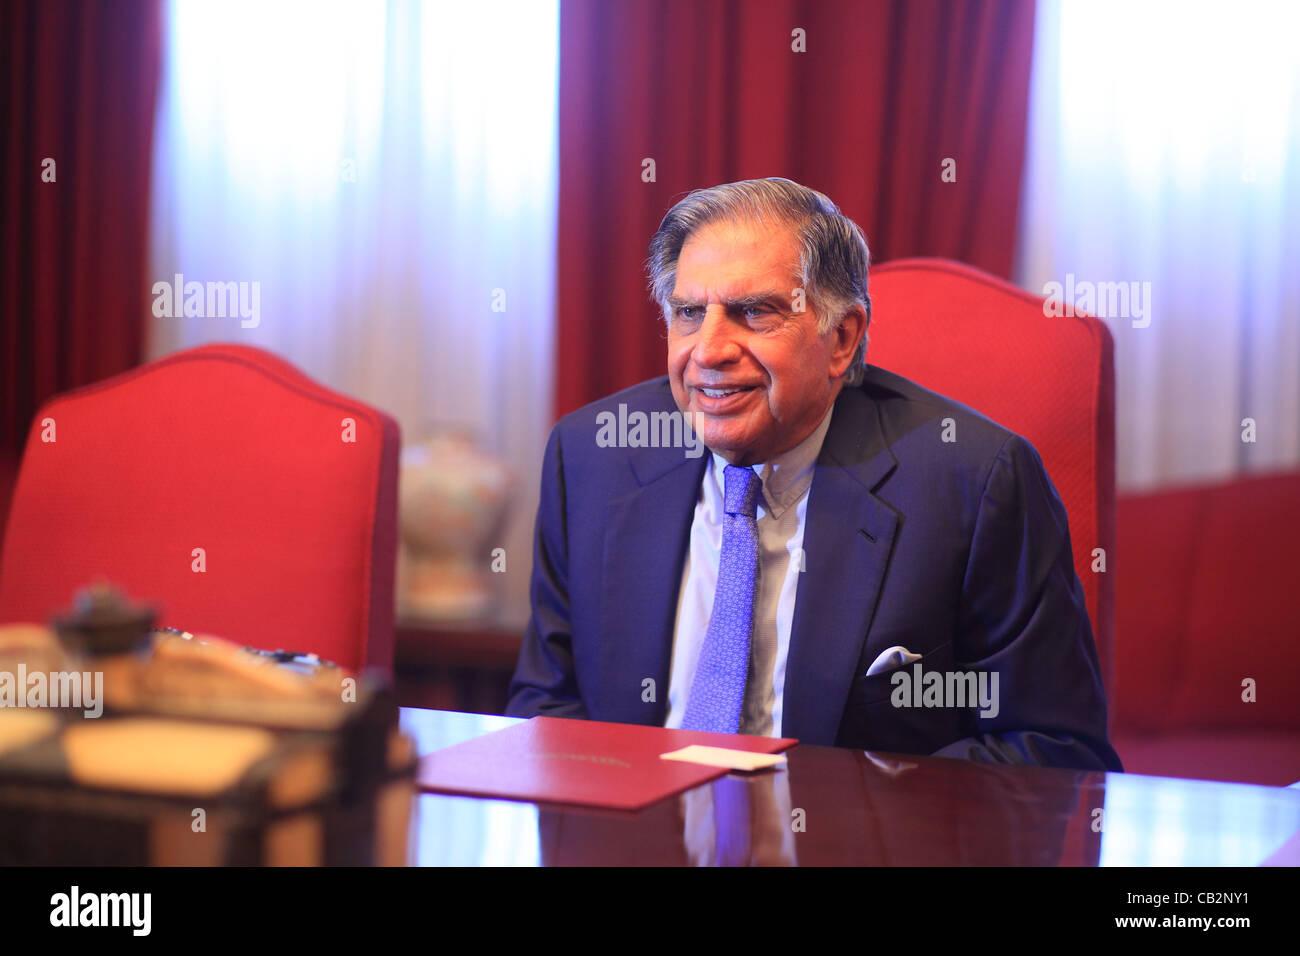 May16, 2012 - Mumbai, Indien: Porträt des indischen industriellen Rata Tata, Vorsitzender des Imperiums Tata Bombay Stockfoto